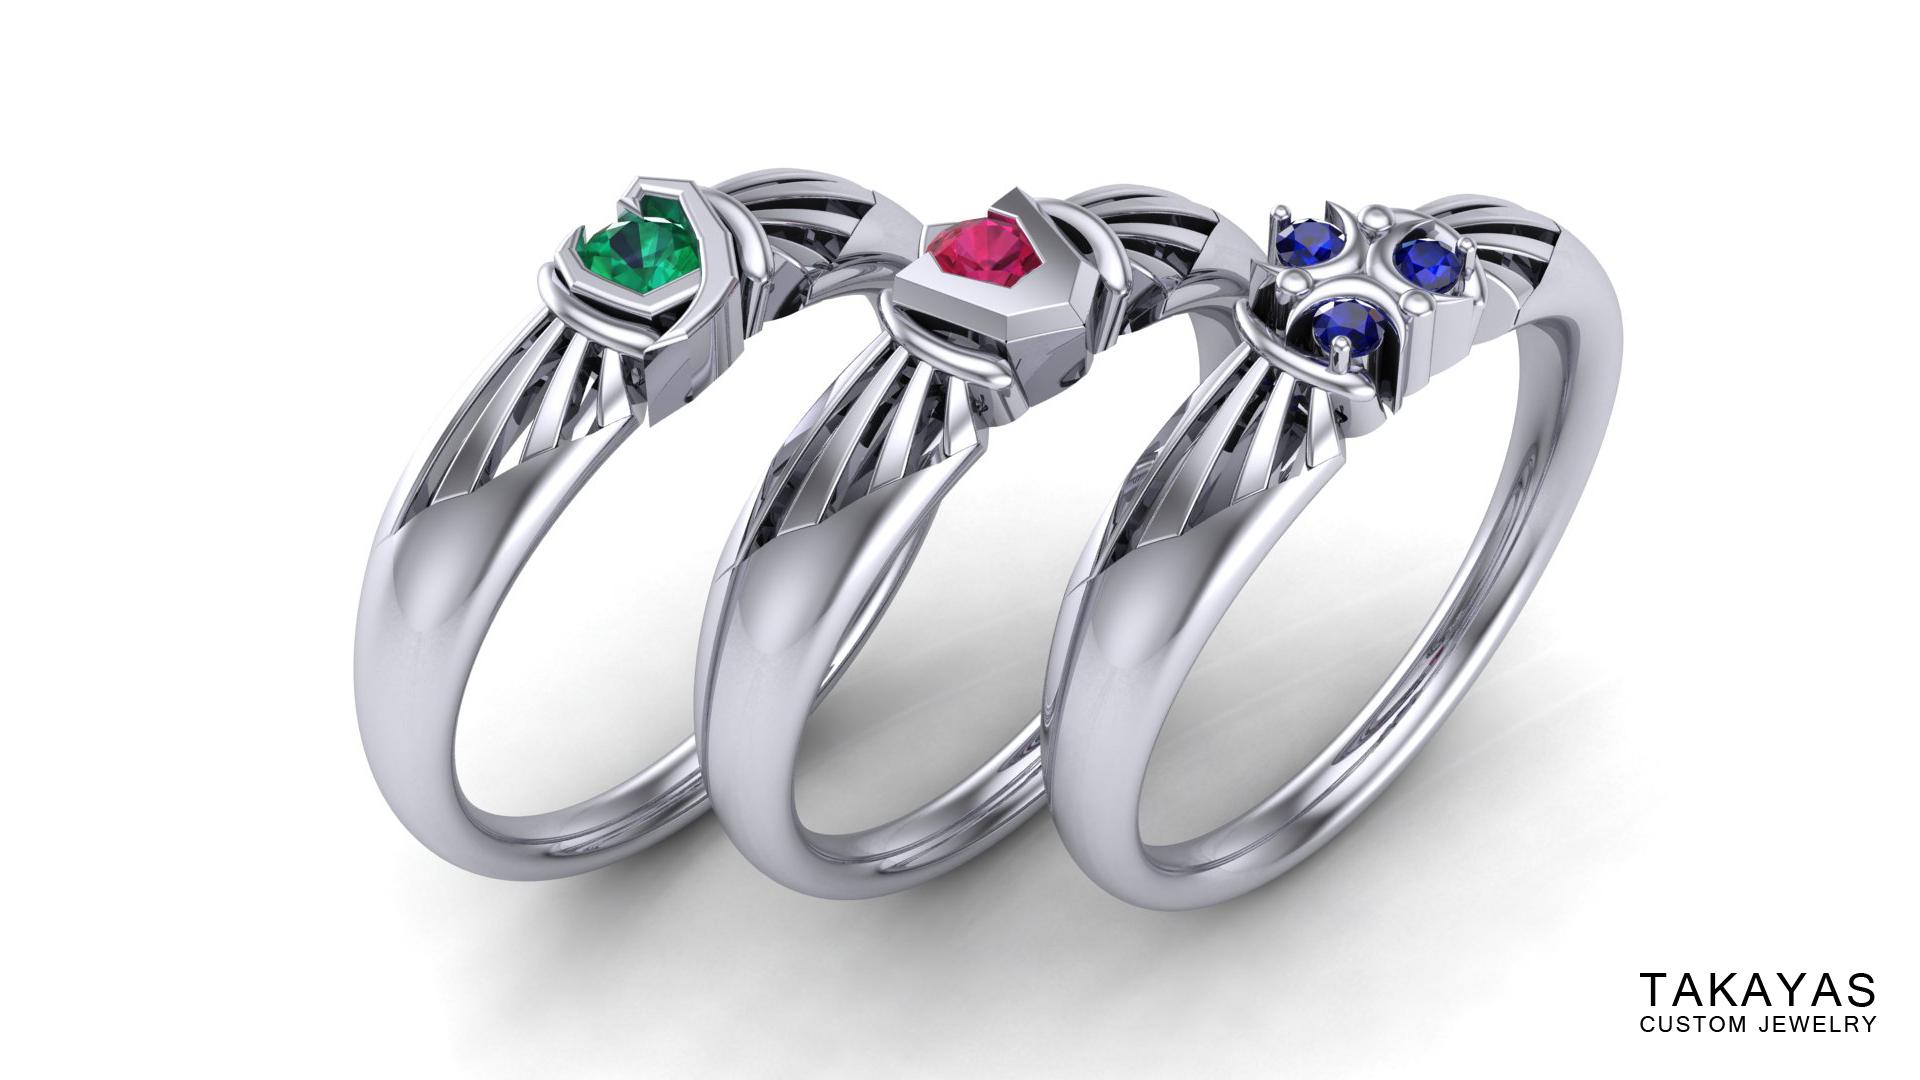 kokiri-goron-zora-zelda-rings-takayas